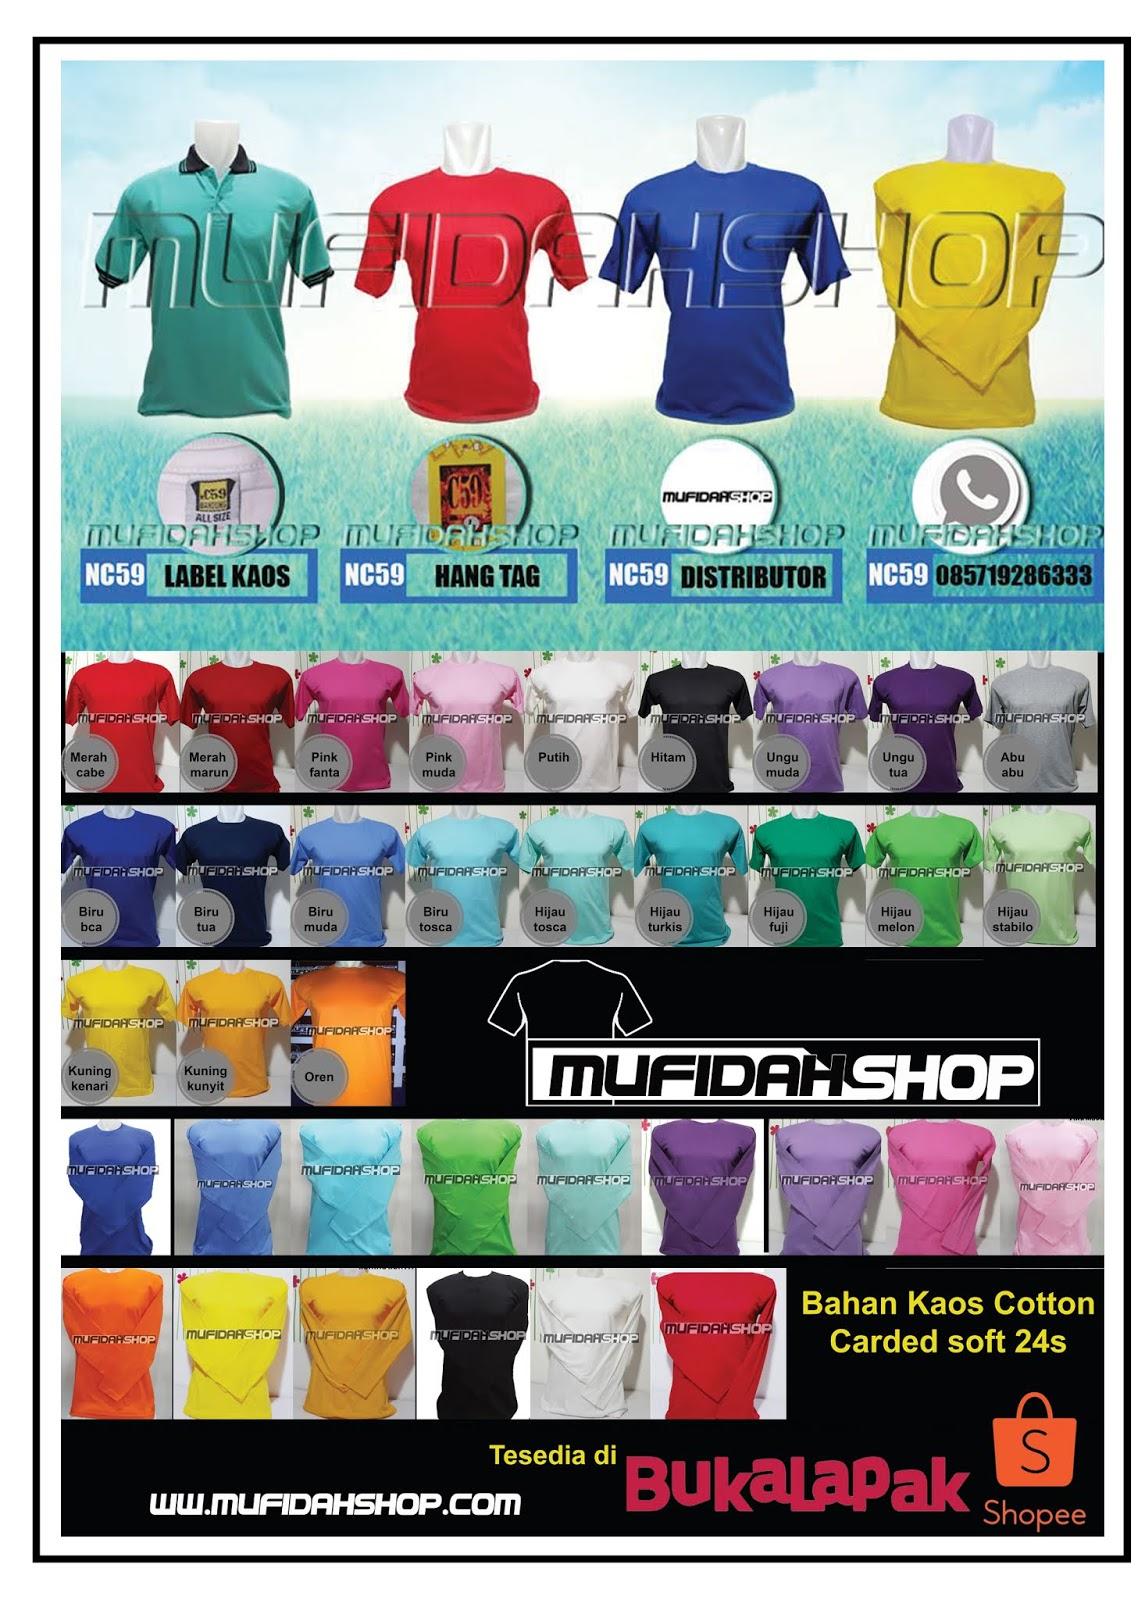 Kaos Polos Lengan Pendek Mufidahshop Bahan Carded Tangan Panjang